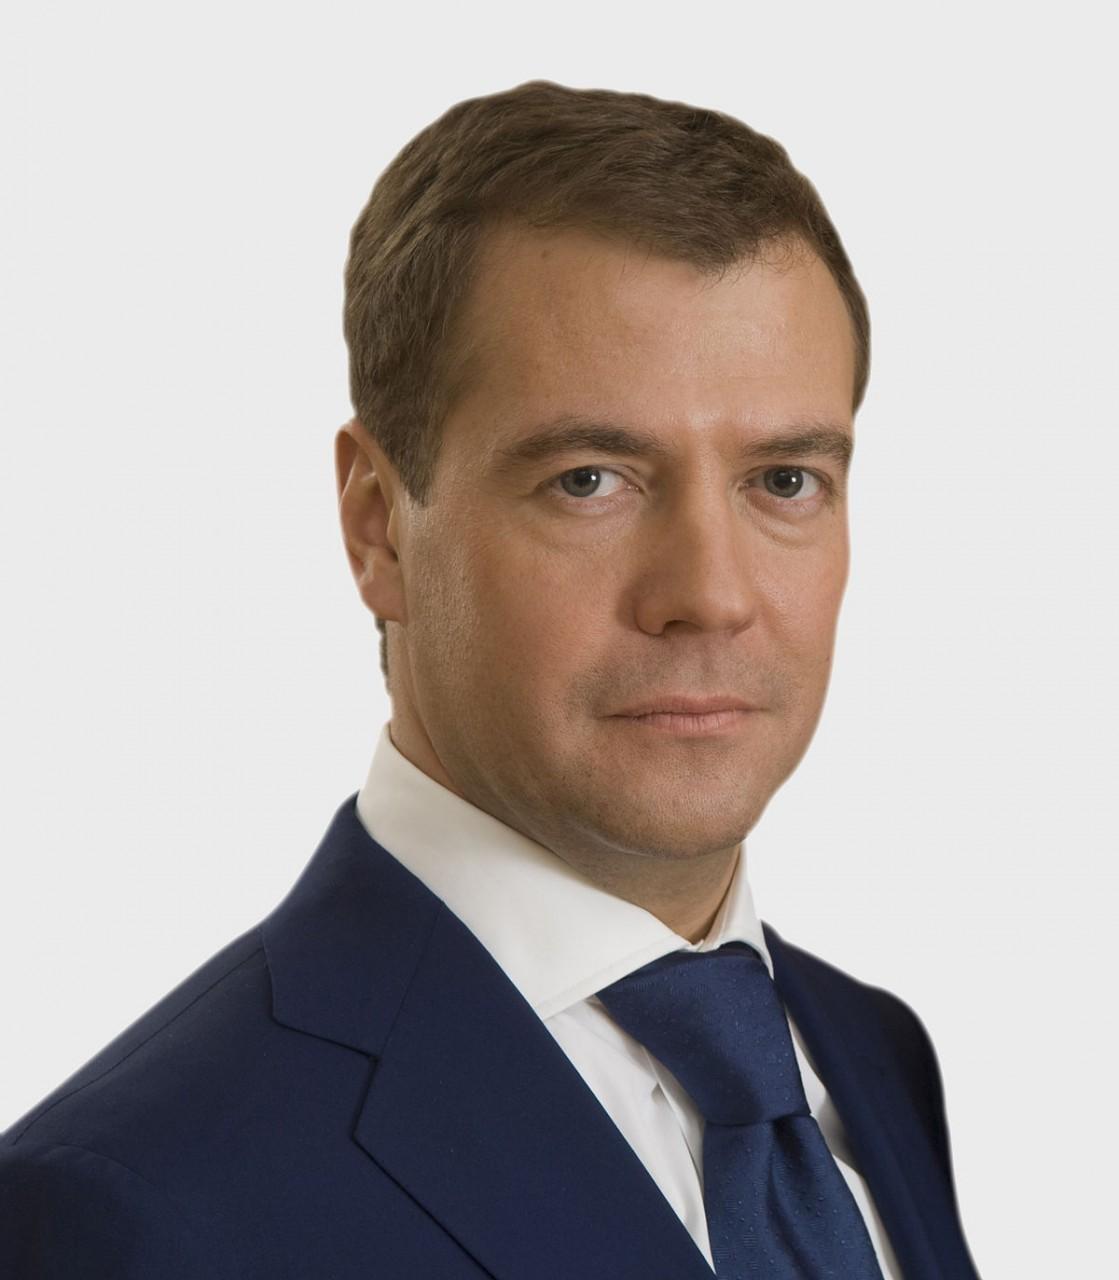 Российская экономика к 2020 году выйдет на темпы роста выше среднемировых